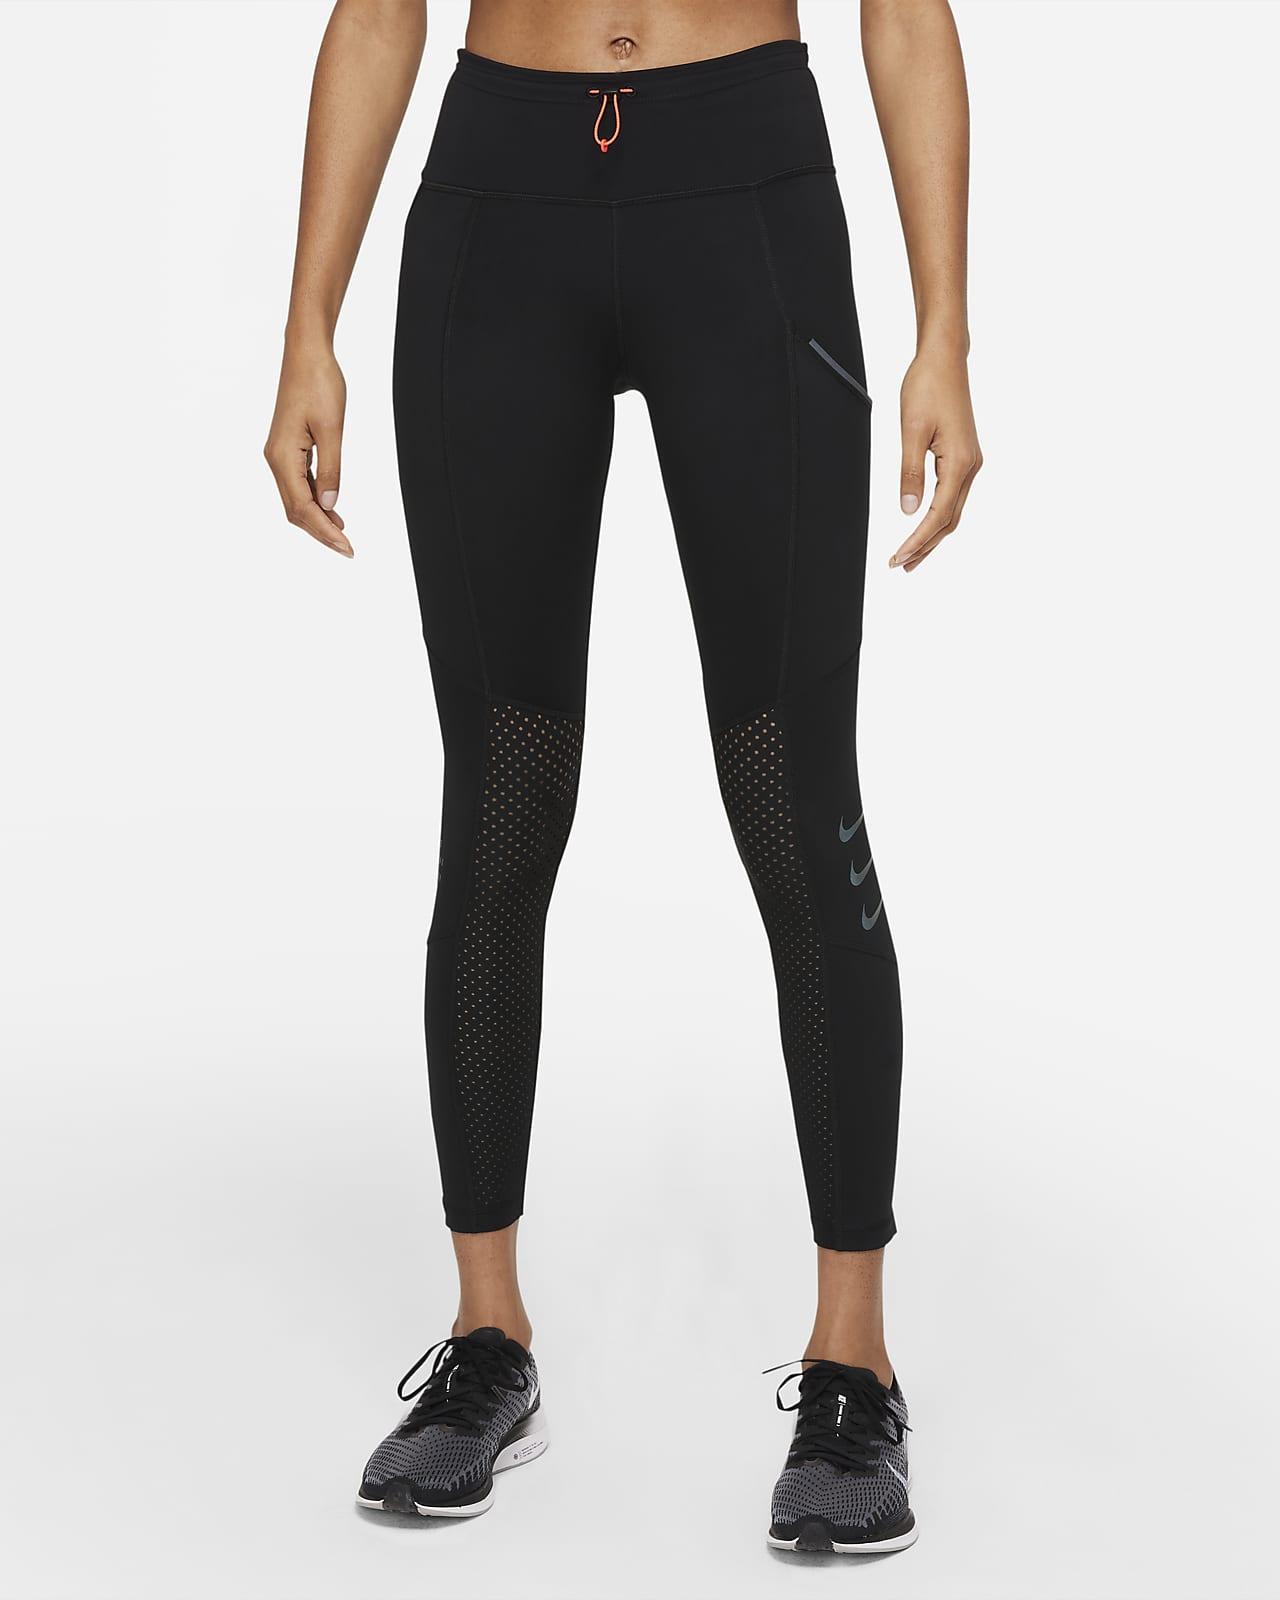 Nike Dri-FIT ADV Run Division Epic Luxe løpeleggings i 7/8 lengde med mellomhøyt liv til dame